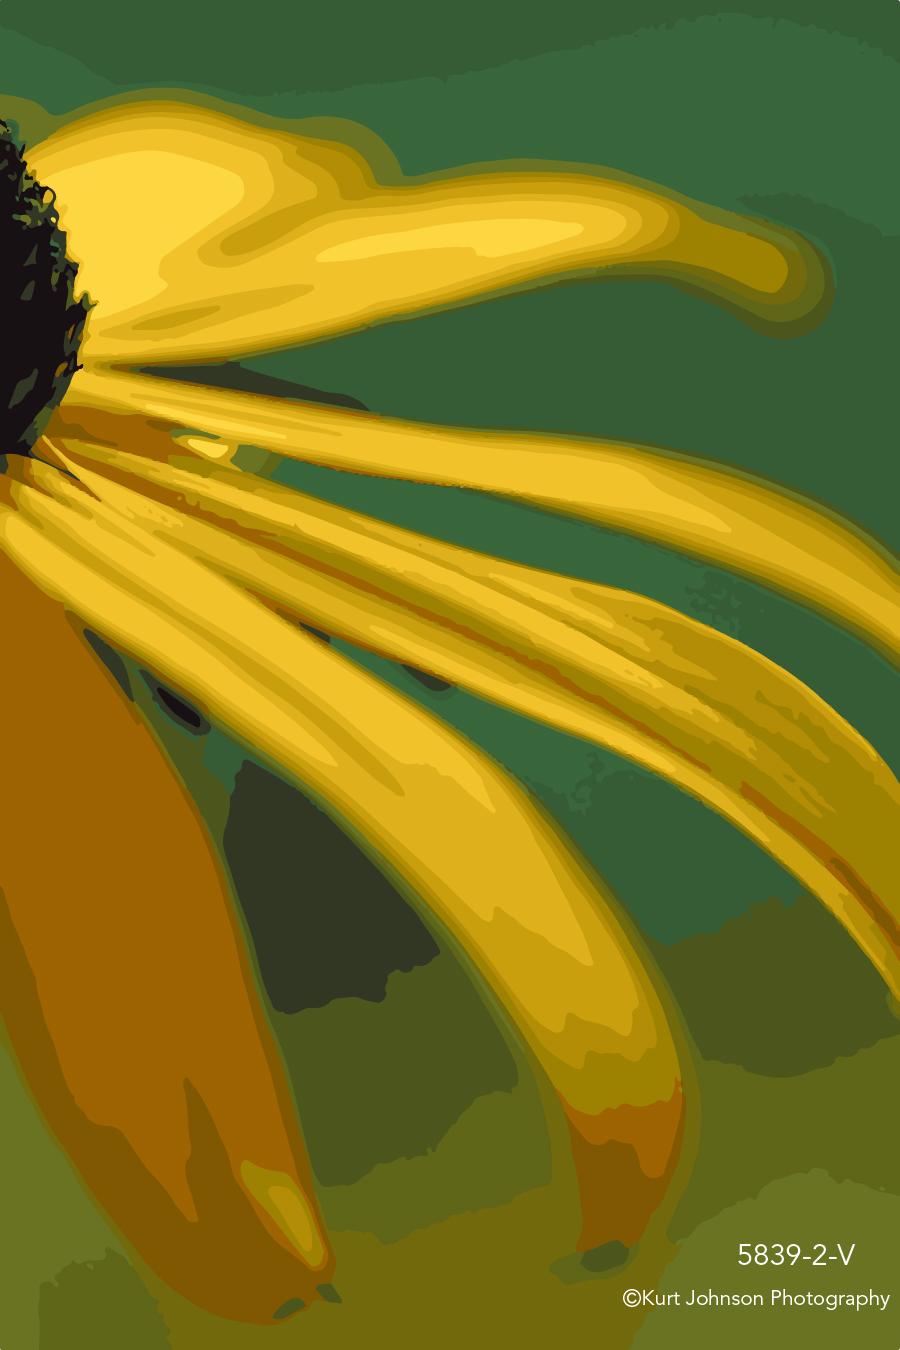 yellow flower petals petal close up macro botanical detail vector black eyed susan